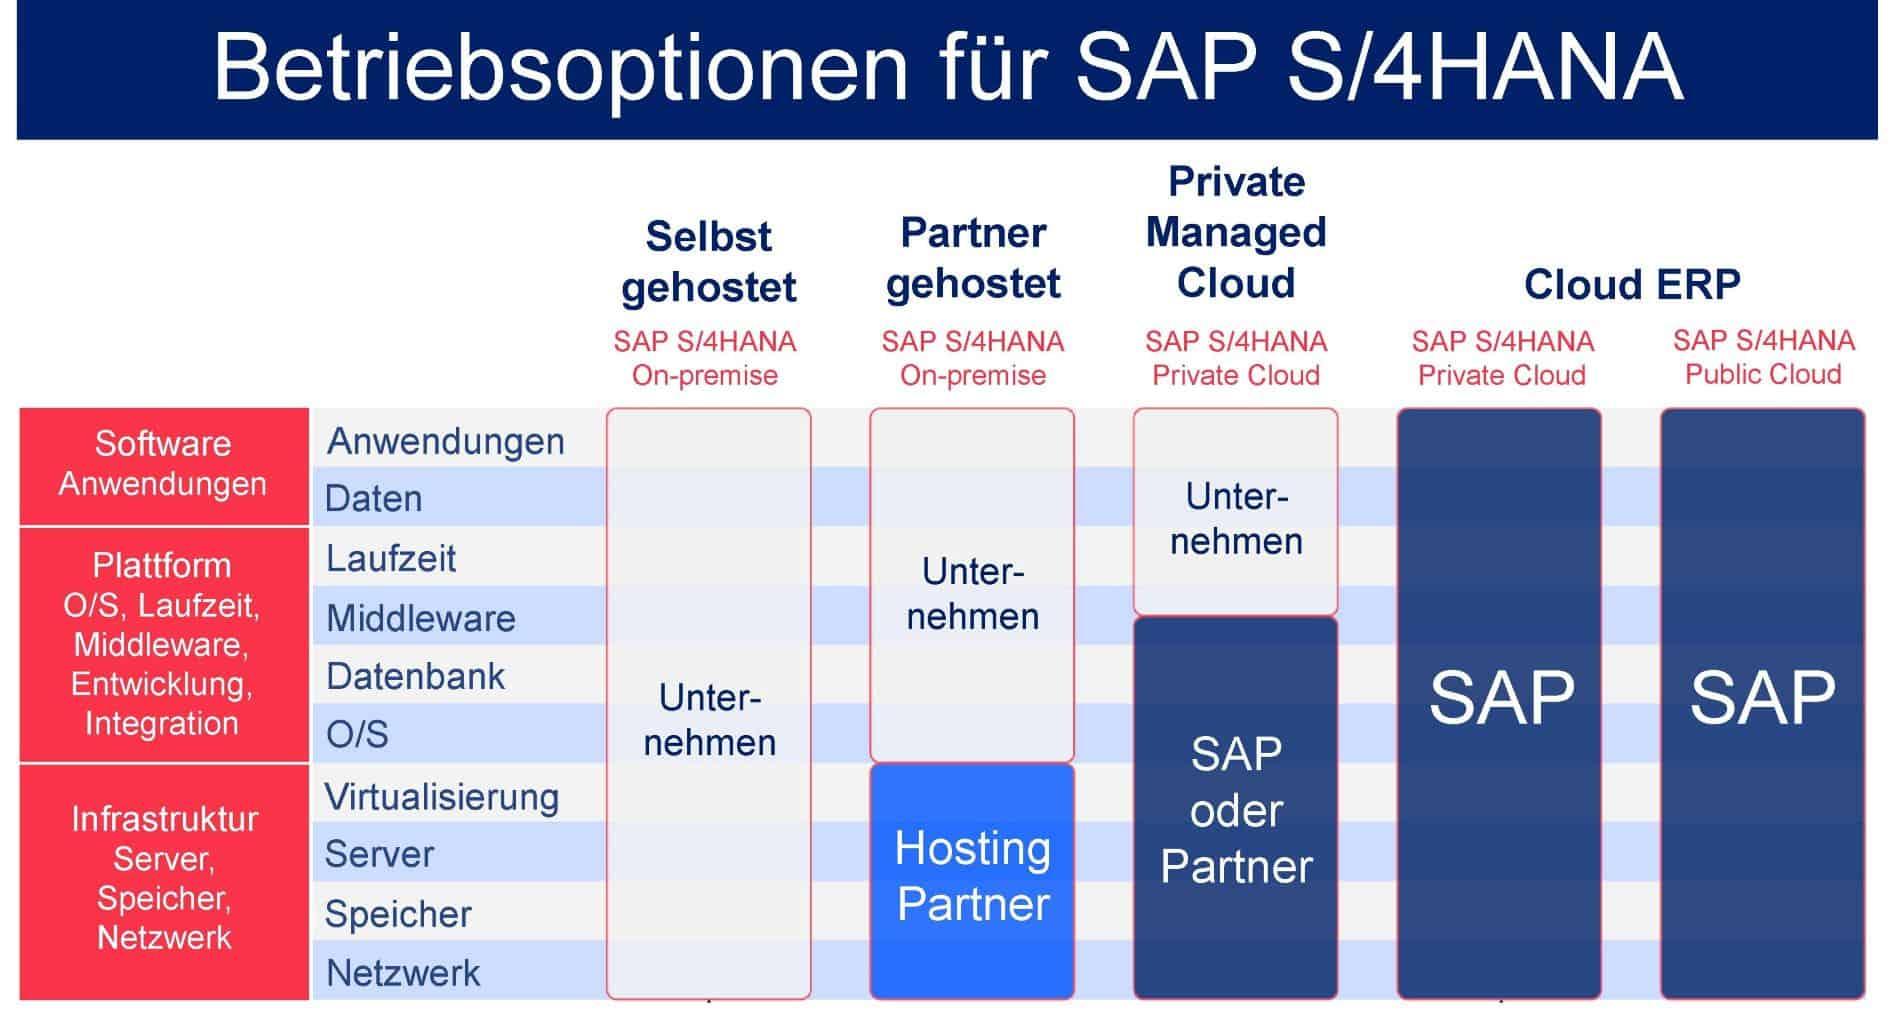 Die verschiedenen Betriebsoptionen für SAP S/4HANA